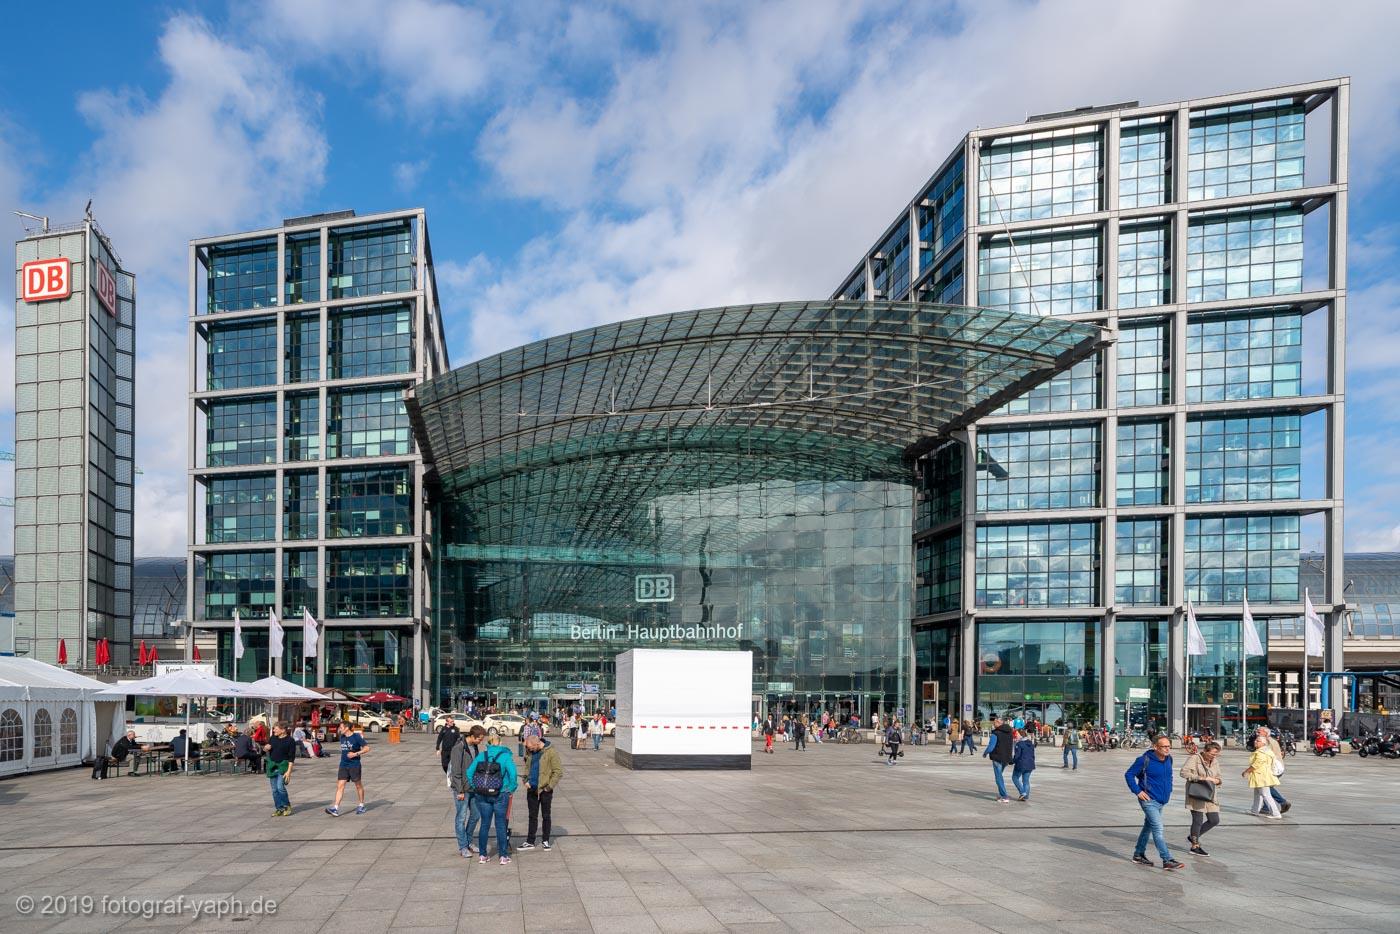 Die Architektur vom Hauptbahnhof Berlin passt im Stil zum Bahnhof Potsdamer Platz, wirkt dabei aber weniger abgehoben und bindet den Menschen eher in das Gesamtbild ein.